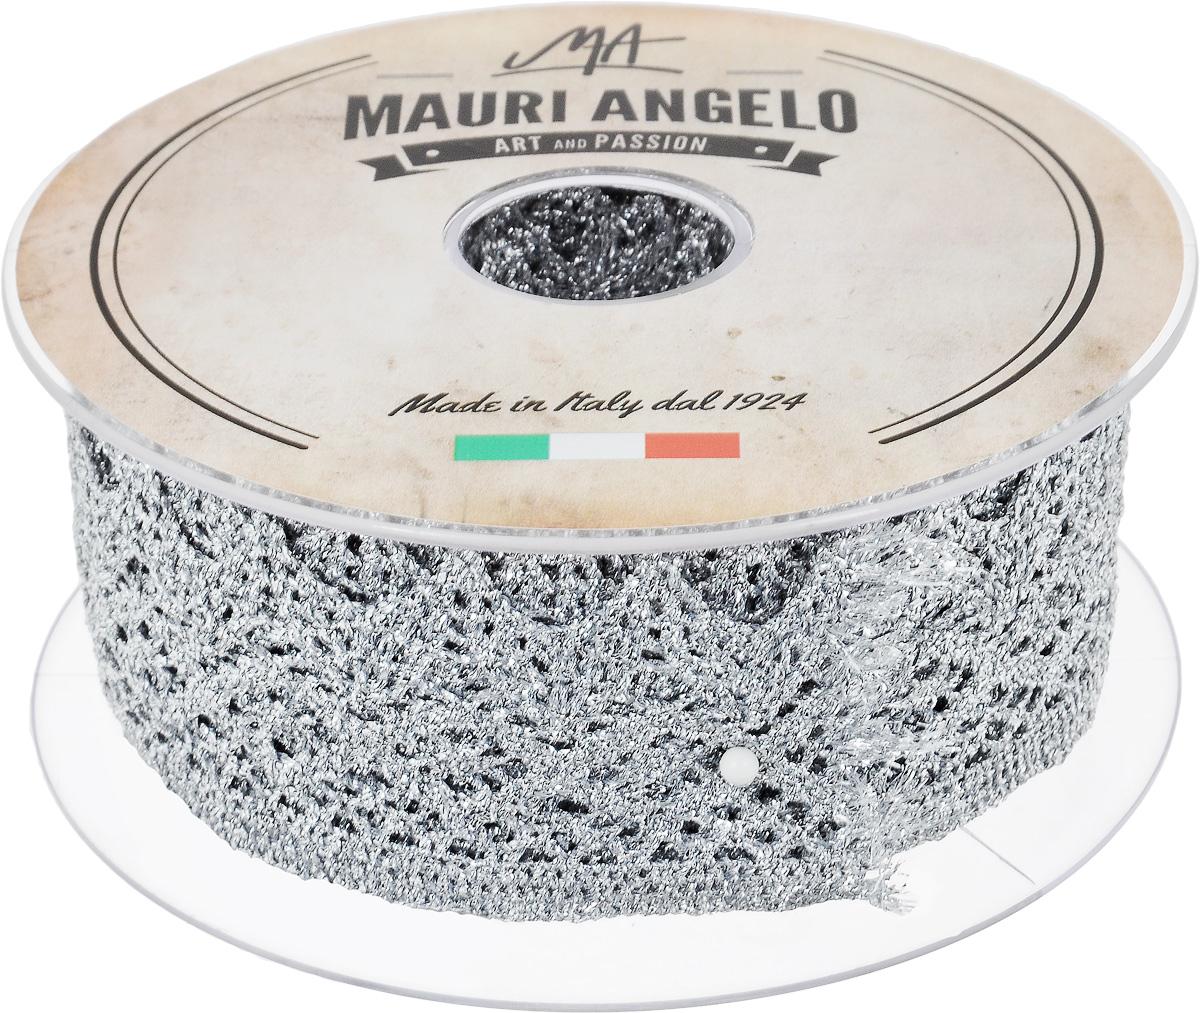 Лента кружевная Mauri Angelo, цвет: серебристый, 4,4 см х 10 мRSP-202SДекоративная кружевная лента Mauri Angelo выполнена из высококачественных материалов. Кружево применяется для отделки одежды, постельного белья, а также в оформлении интерьера, декоративных панно, скатертей, тюлей, покрывал. Главные особенности кружева - воздушность, тонкость, эластичность, узорность.Такая лента станет незаменимым элементом в создании рукотворного шедевра.